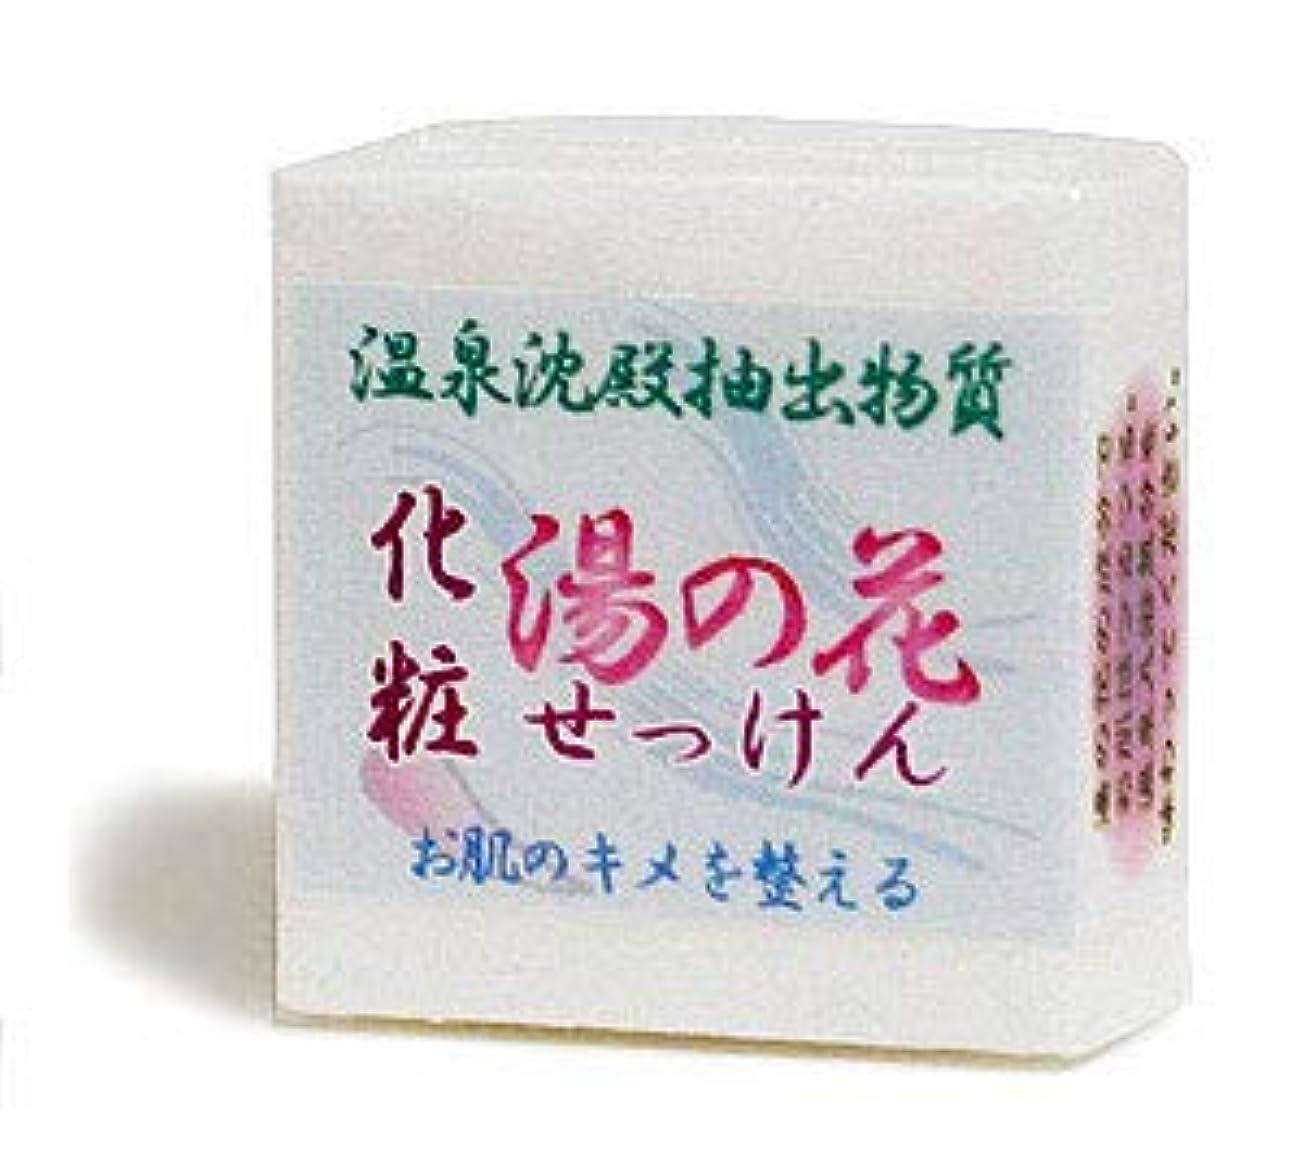 グレークラフト早い湯の花化粧石鹸 ハーフサイズ